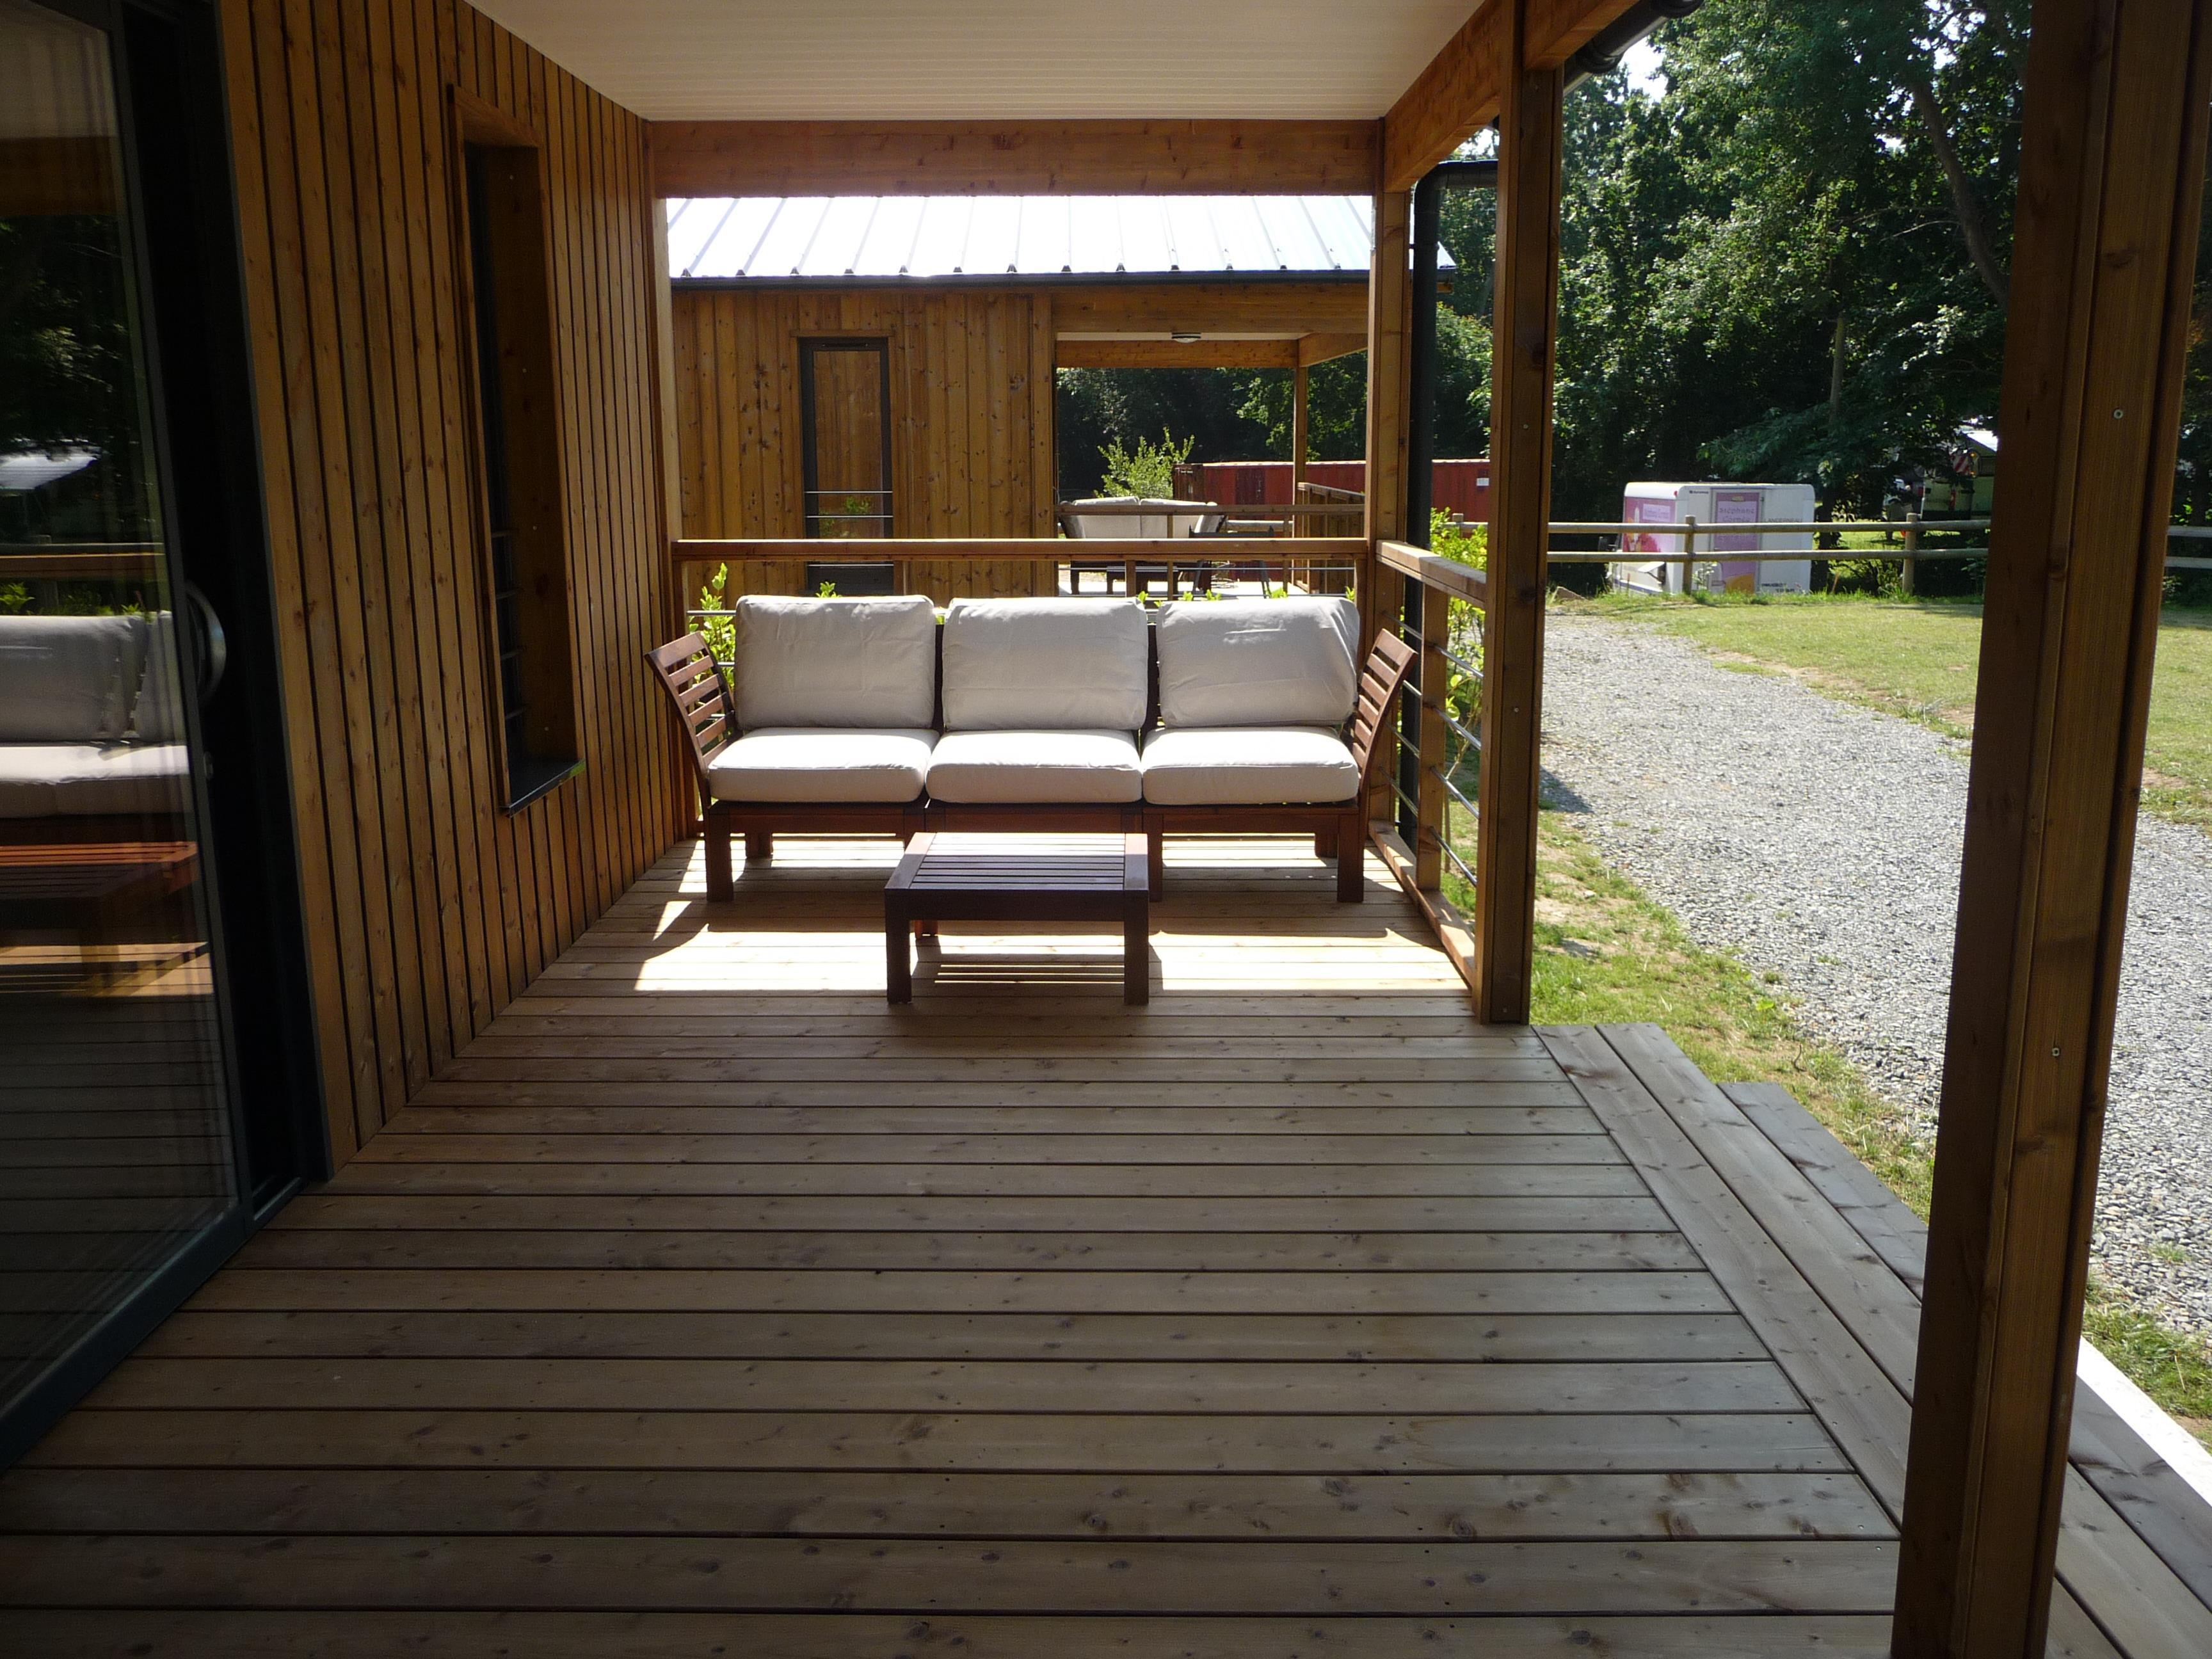 Location - Chalet Premium Confort - Domaine de Trestraou